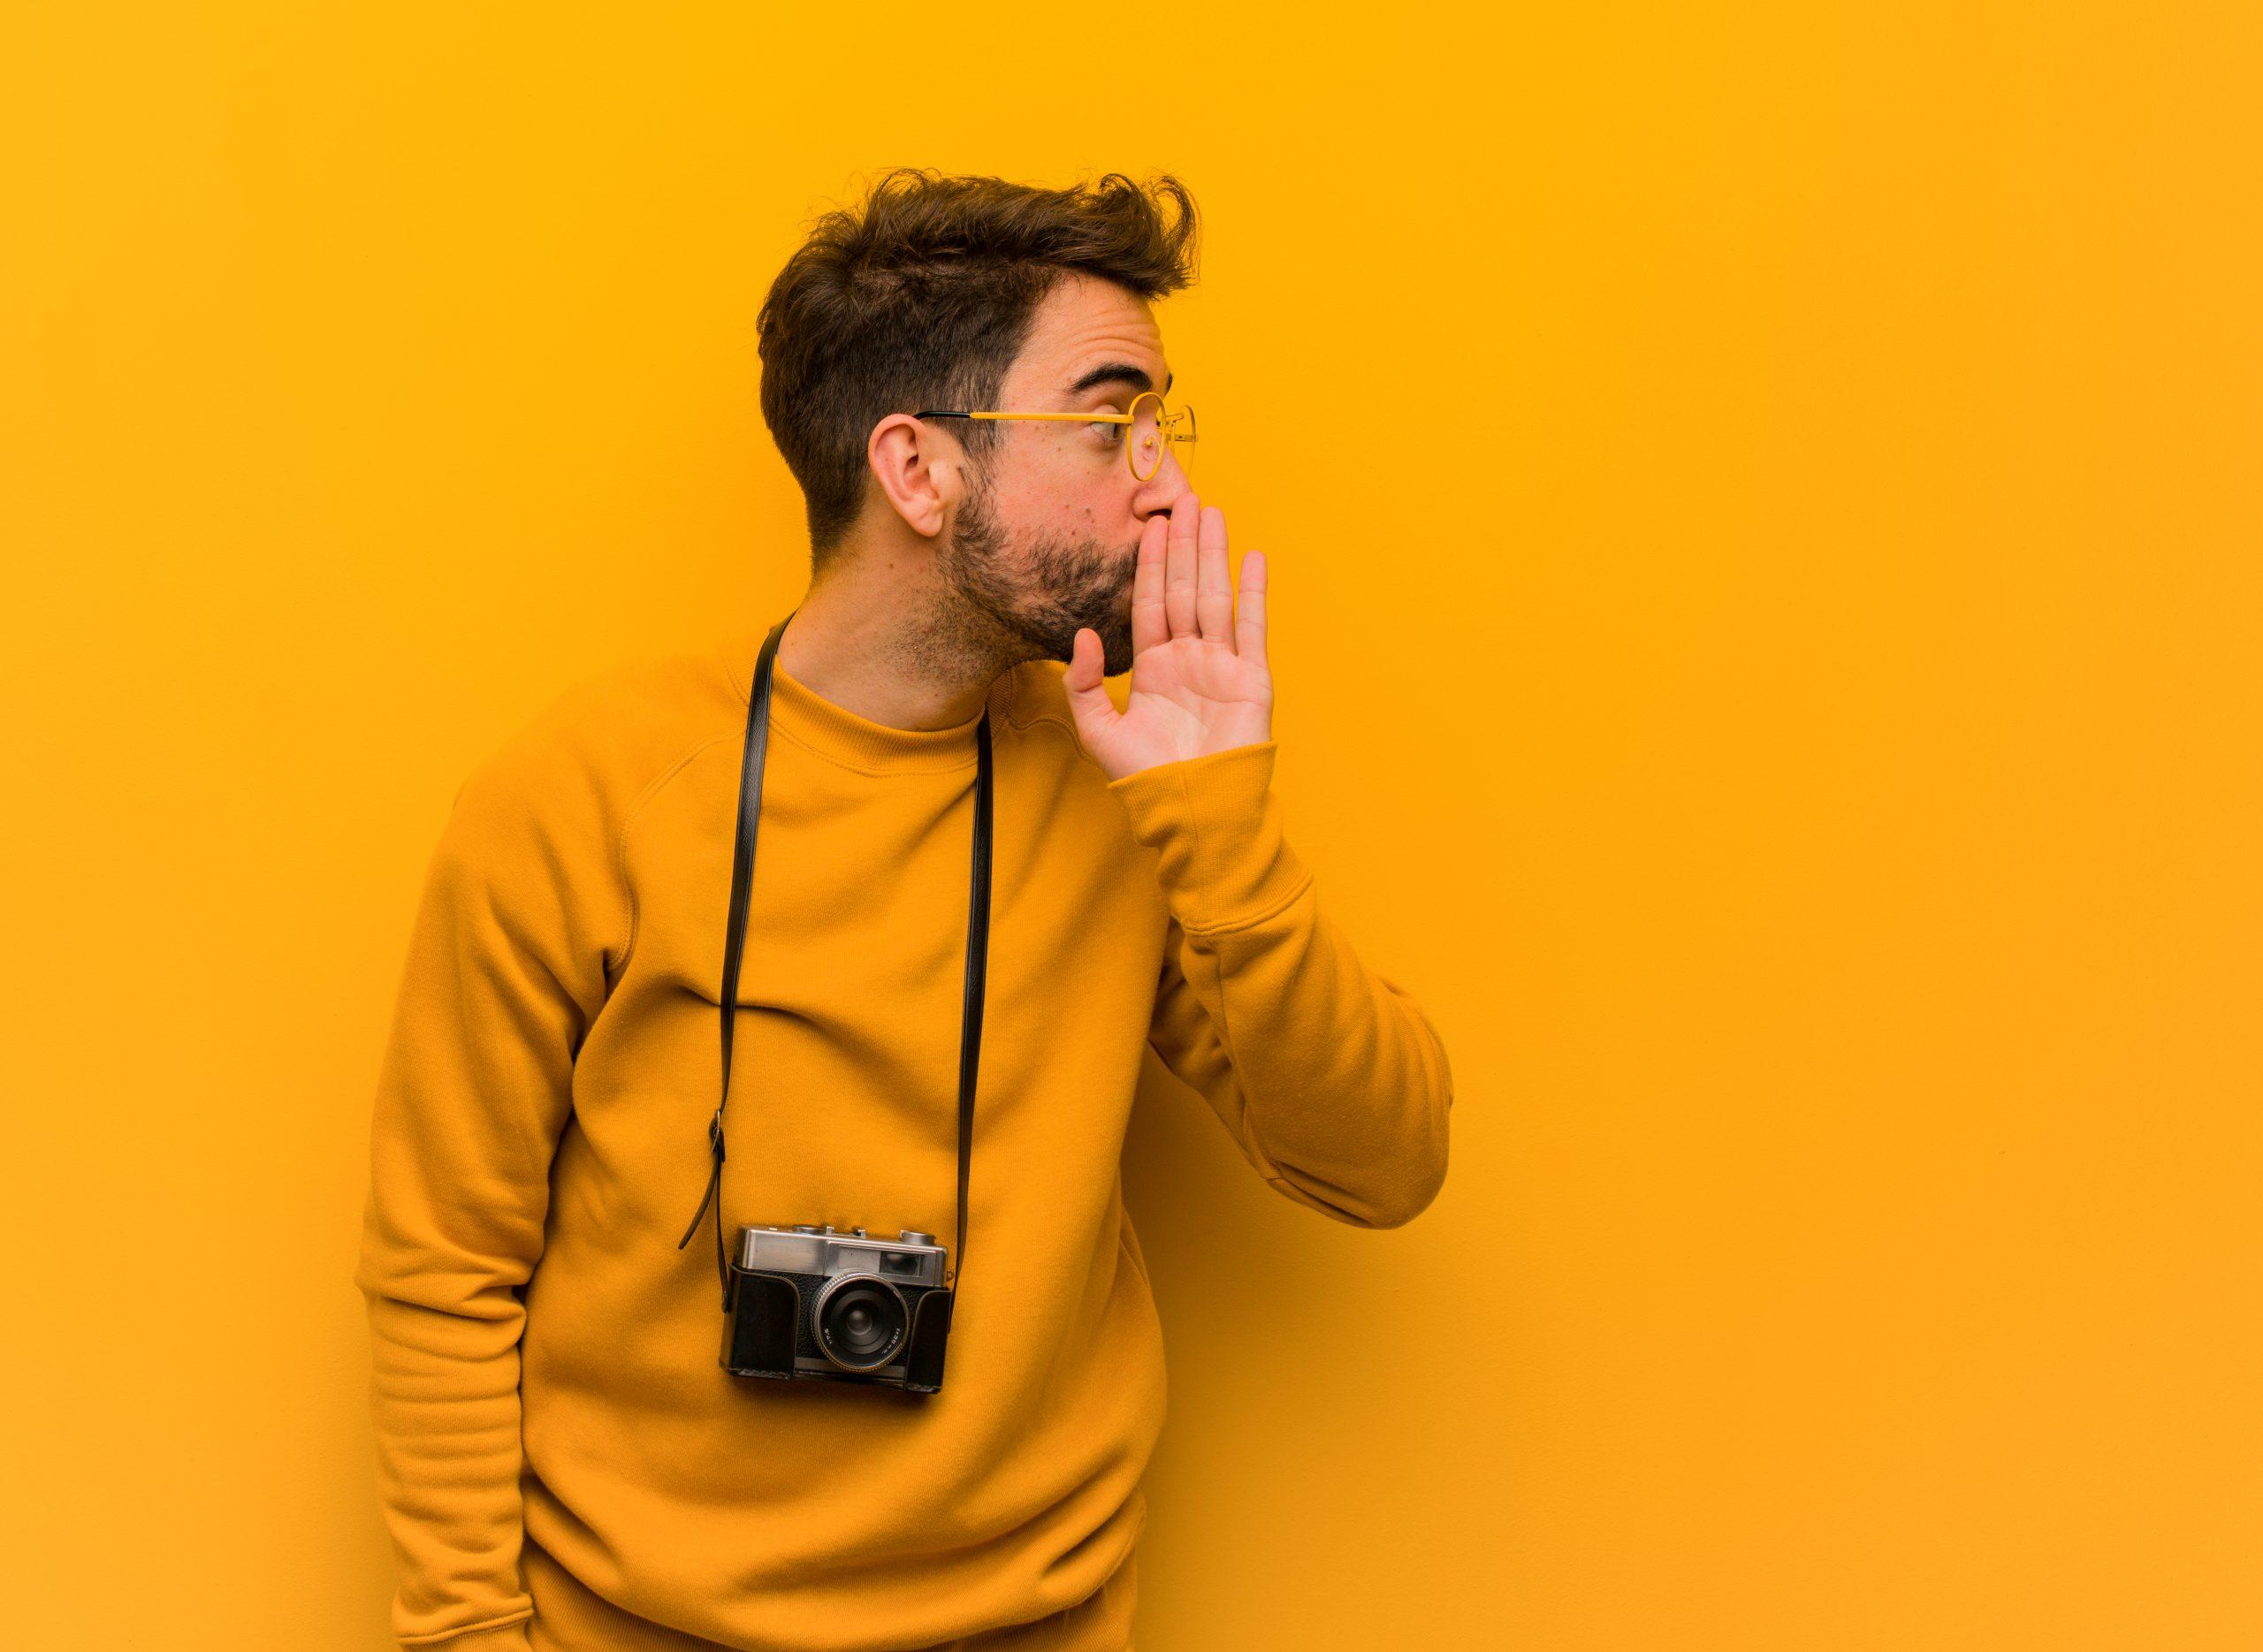 fotografo concursos fotografía